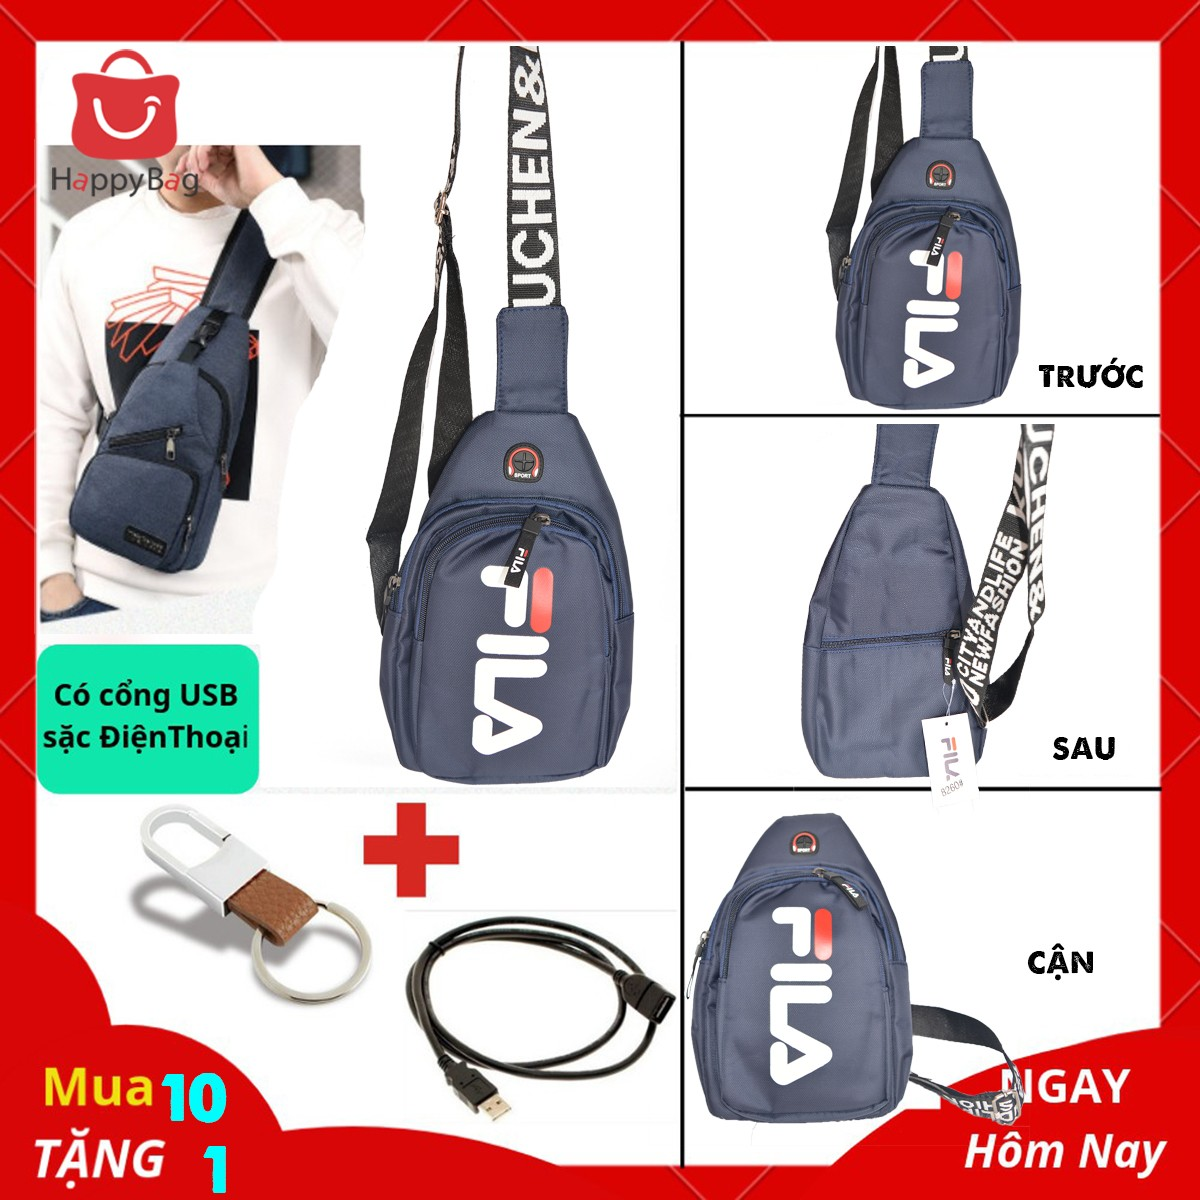 Túi Đeo Chéo Nam Cổng USB Sặc Điện Thoại Da Phối Vải Polyester Cao Cấp - Mã TD01